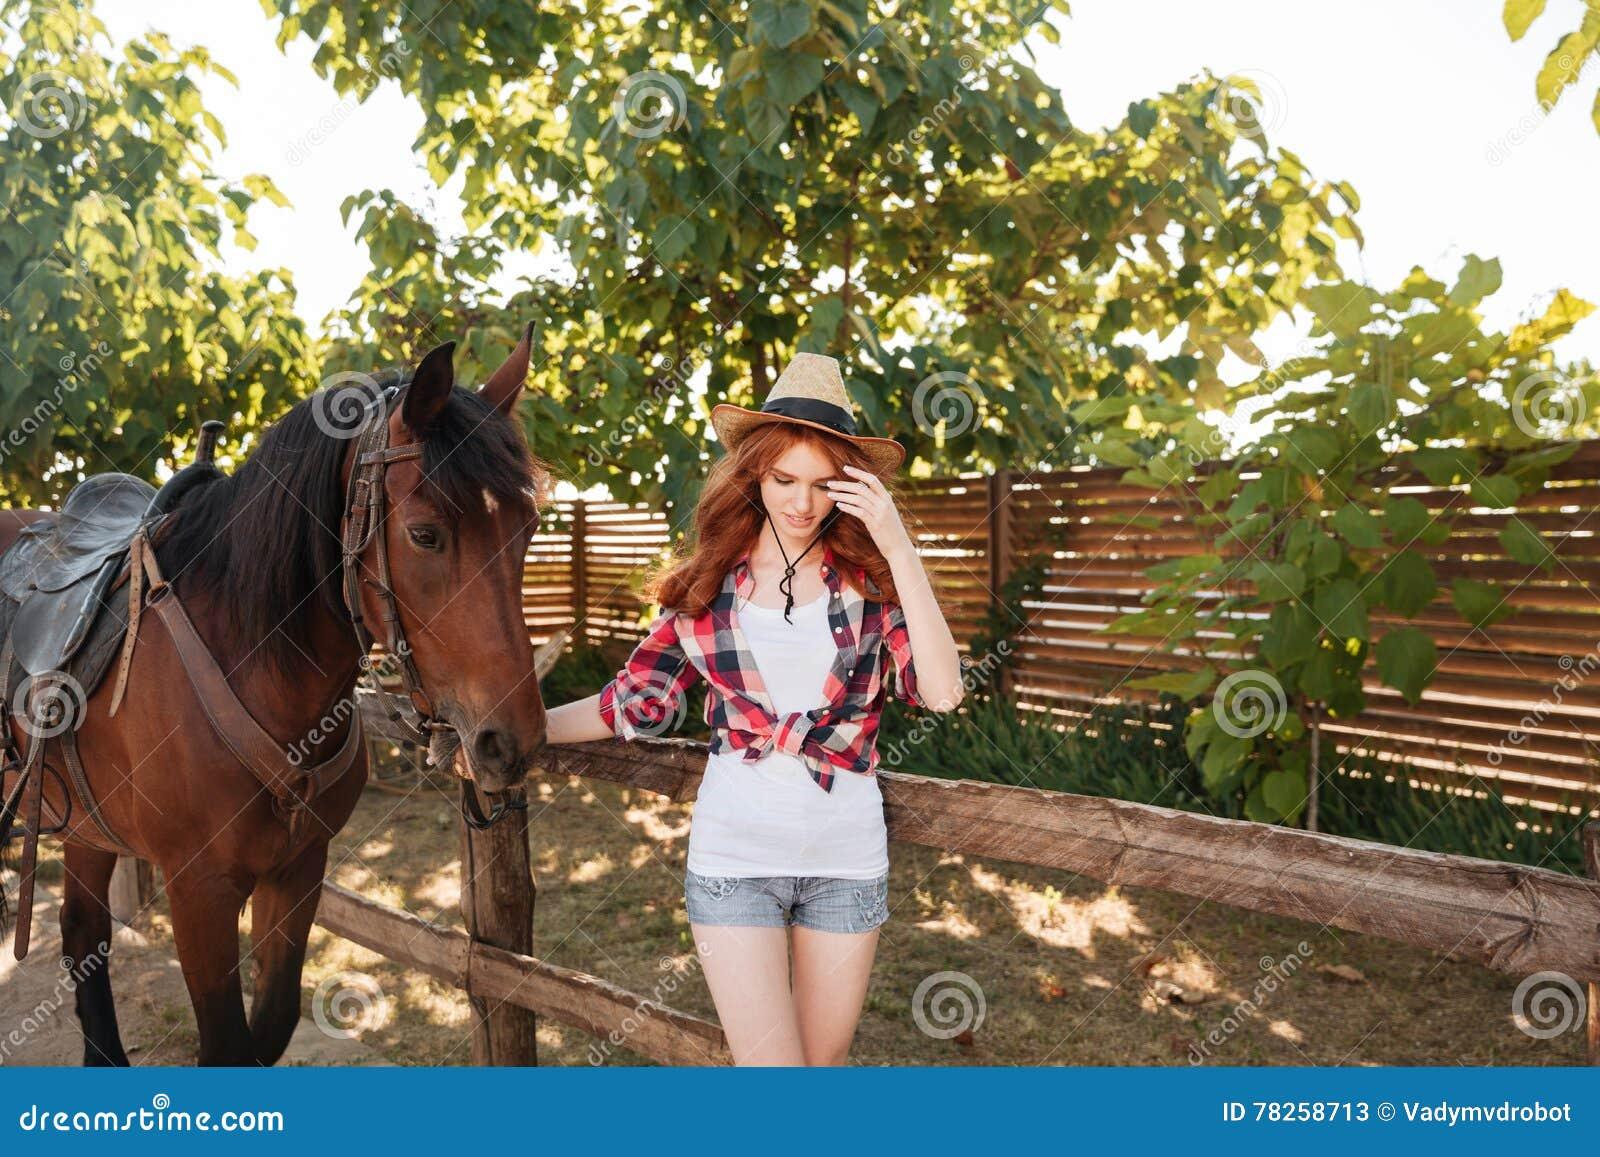 Γυναίκα cowgirl που περπατά με το άλογό της στο χωριό